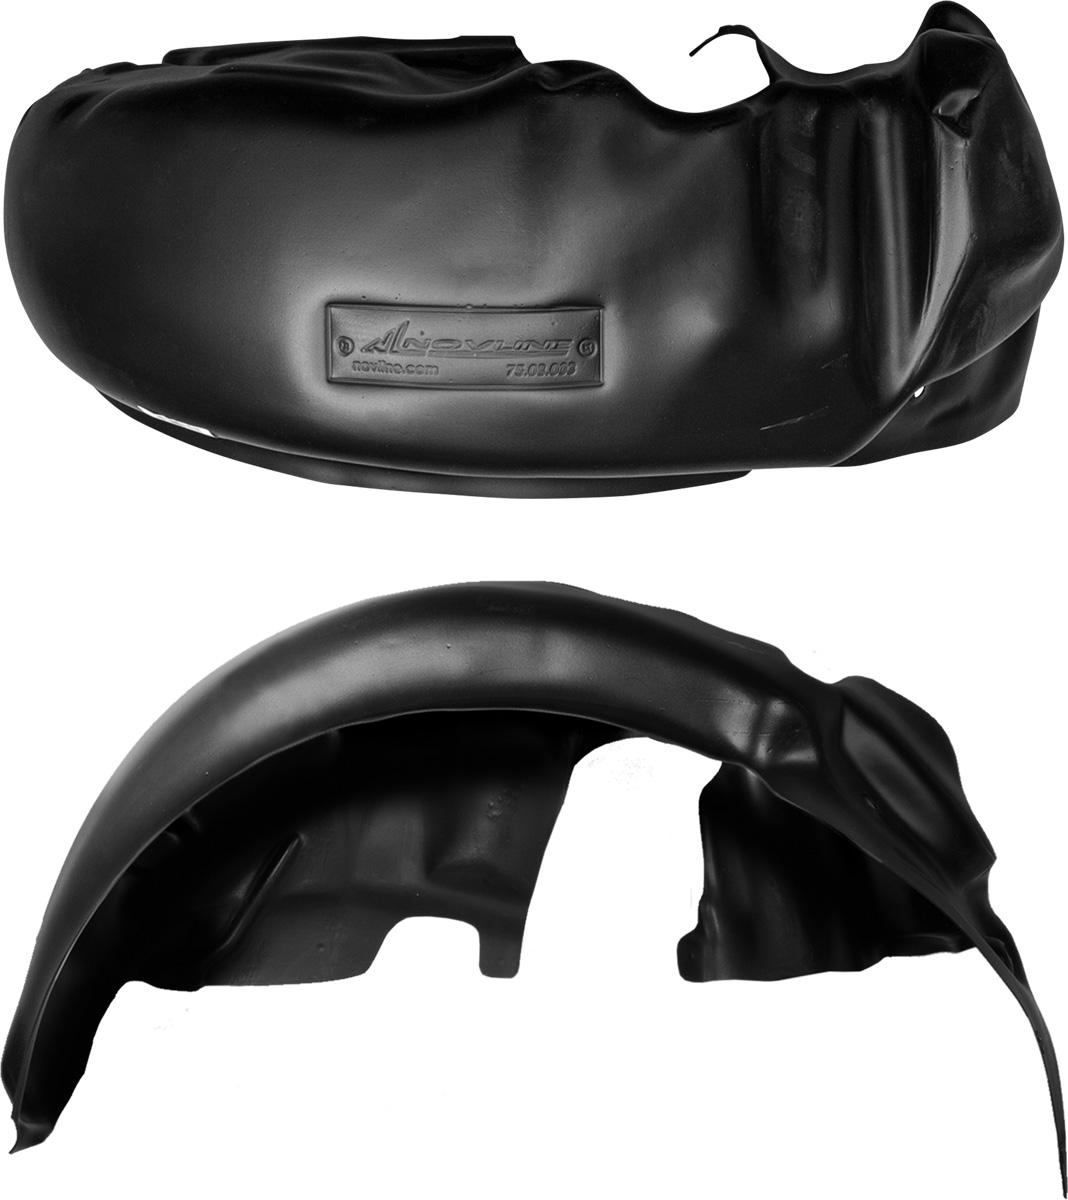 Подкрылок CHEVROLET Lanos 1997-2009, седан, передний левыйNLL.08.02.001Колесные ниши – одни из самых уязвимых зон днища вашего автомобиля. Они постоянно подвергаются воздействию со стороны дороги. Лучшая, почти абсолютная защита для них - специально отформованные пластиковые кожухи, которые называются подкрылками, или локерами. Производятся они как для отечественных моделей автомобилей, так и для иномарок. Подкрылки выполнены из высококачественного, экологически чистого пластика. Обеспечивают надежную защиту кузова автомобиля от пескоструйного эффекта и негативного влияния, агрессивных антигололедных реагентов. Пластик обладает более низкой теплопроводностью, чем металл, поэтому в зимний период эксплуатации использование пластиковых подкрылков позволяет лучше защитить колесные ниши от налипания снега и образования наледи. Оригинальность конструкции подчеркивает элегантность автомобиля, бережно защищает нанесенное на днище кузова антикоррозийное покрытие и позволяет осуществить крепление подкрылков внутри колесной арки практически без дополнительного крепежа и сверления, не нарушая при этом лакокрасочного покрытия, что предотвращает возникновение новых очагов коррозии. Технология крепления подкрылков на иномарки принципиально отличается от крепления на российские автомобили и разрабатывается индивидуально для каждой модели автомобиля. Подкрылки долговечны, обладают высокой прочностью и сохраняют заданную форму, а также все свои физико-механические характеристики в самых тяжелых климатических условиях ( от -50° С до + 50° С).